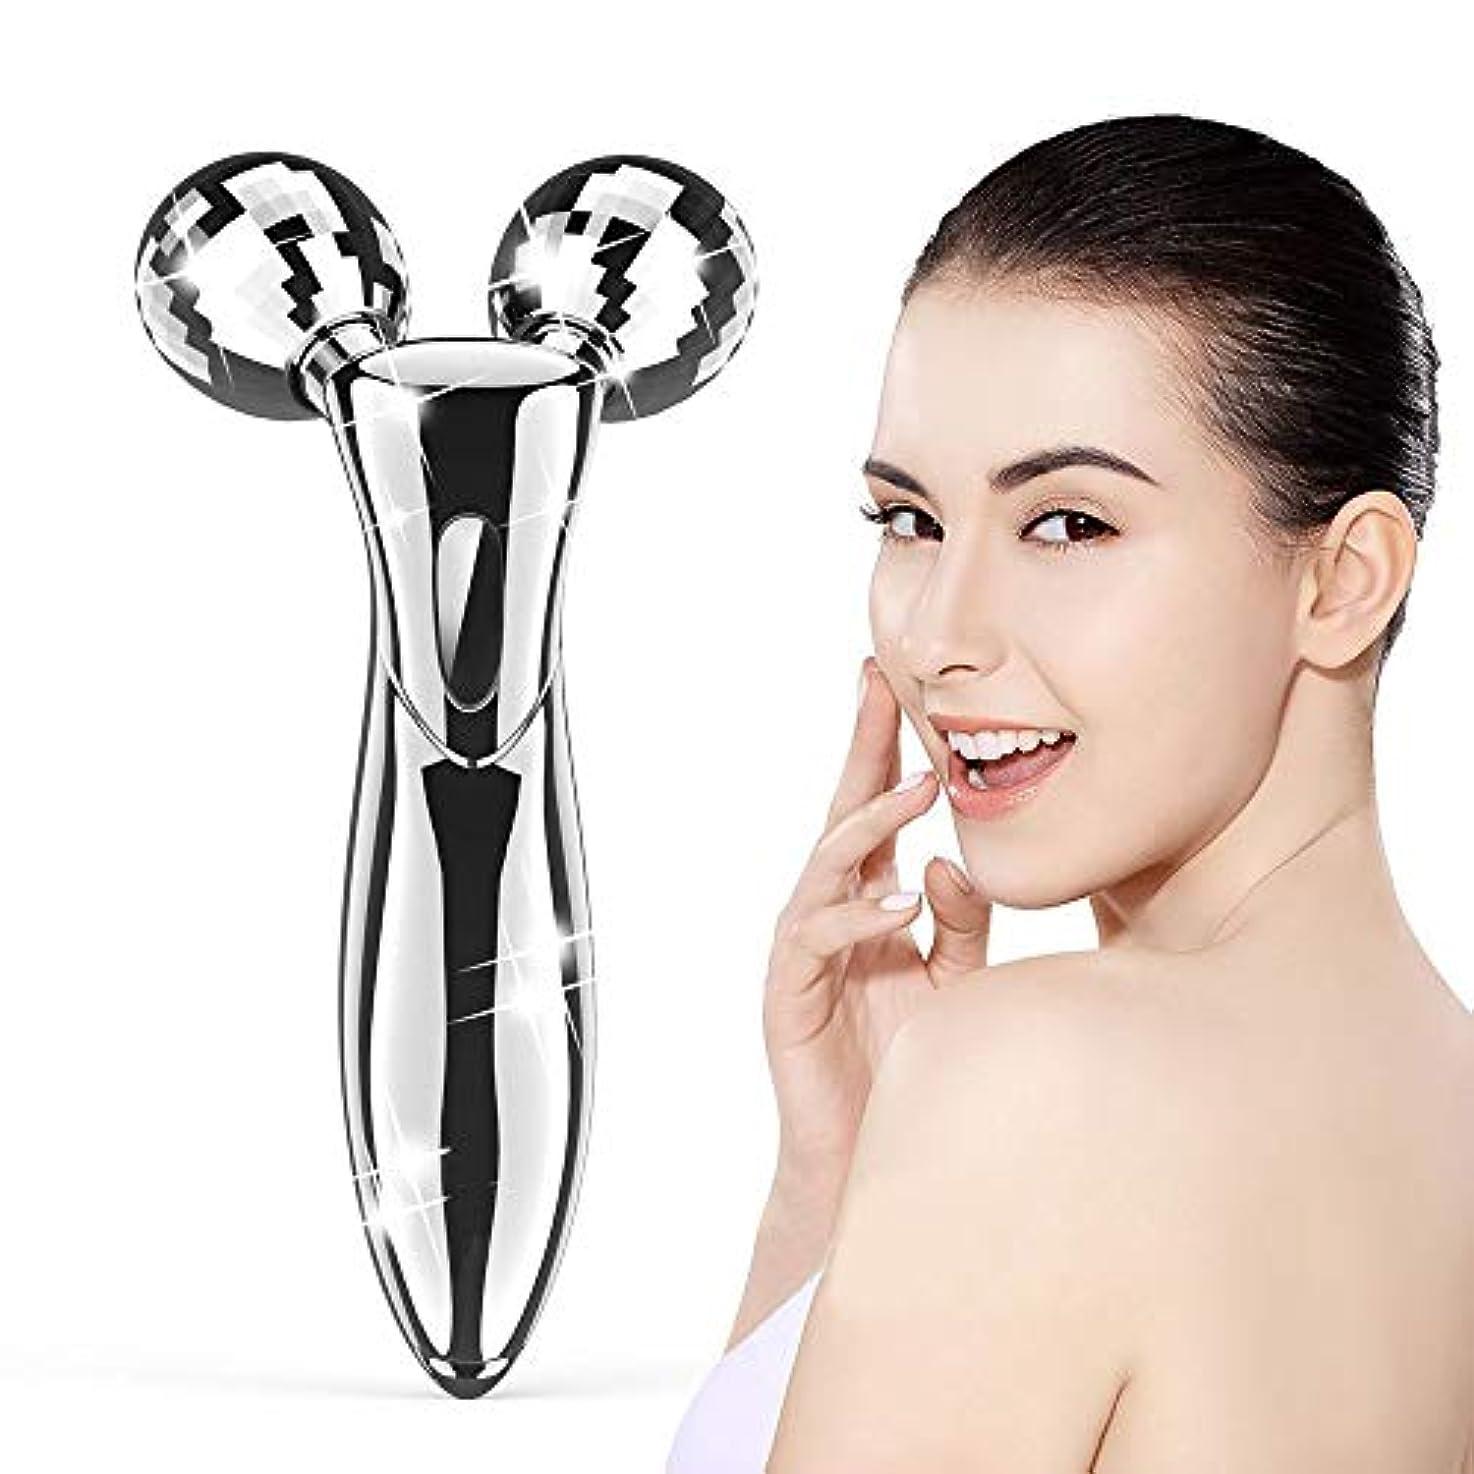 あいまい平和分析する美容ローラー 美顔ローラー フェイスローラー 美顔器 V字型 マイクロカレント マッサージローラー 3D ボディーローラー 充電不要 ほうれい線改善 防水 ギフト